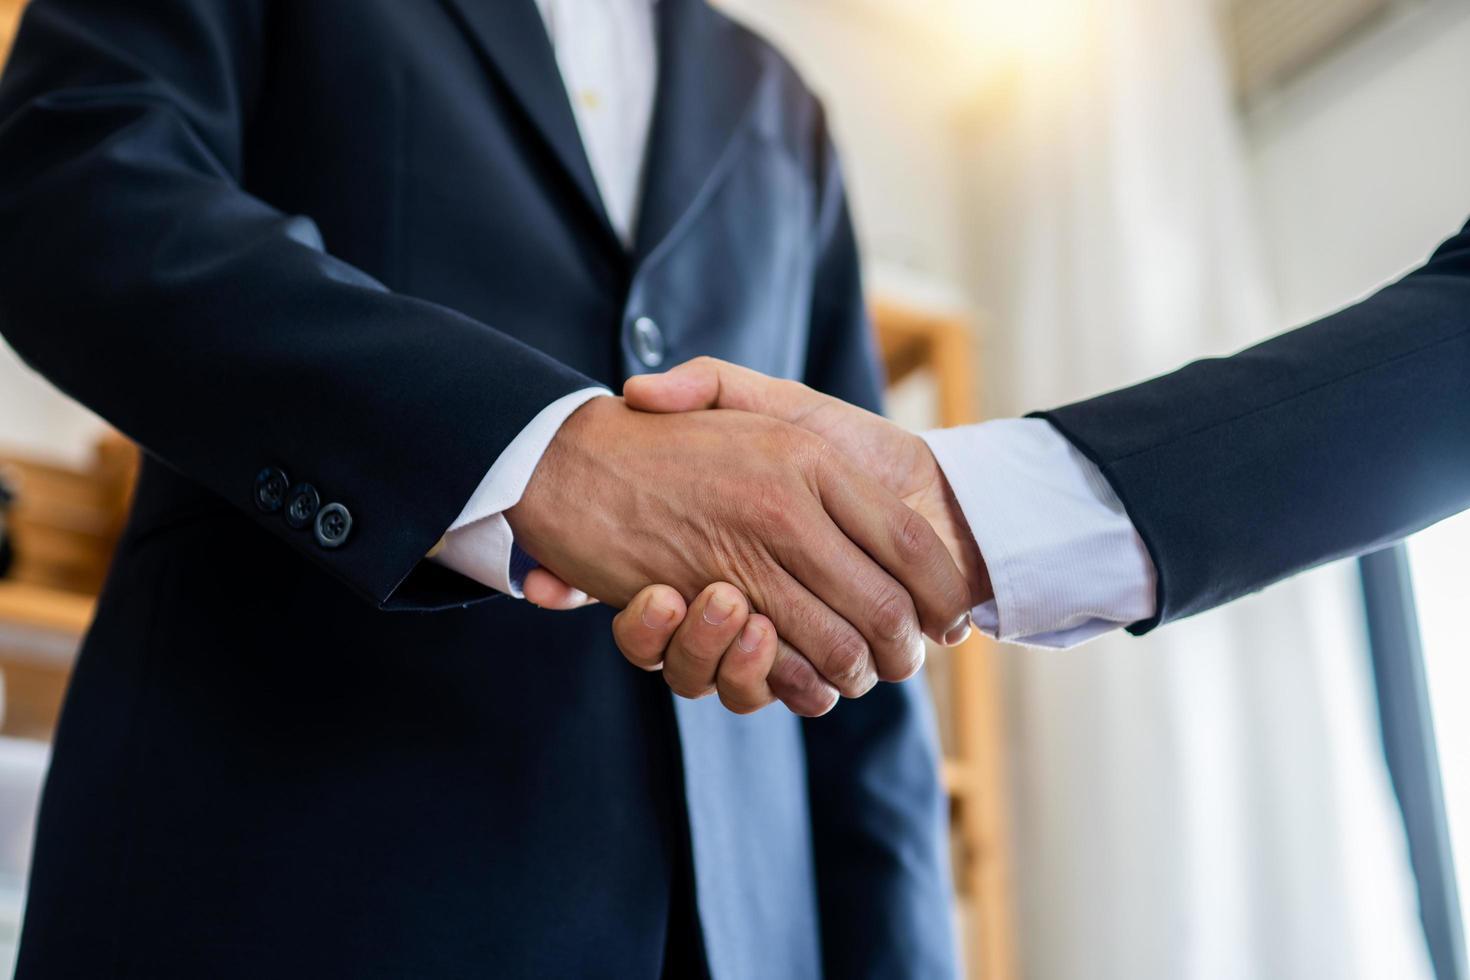 två affärsmän skakar hand för att försegla en förhandlingsavtal på jobbet foto